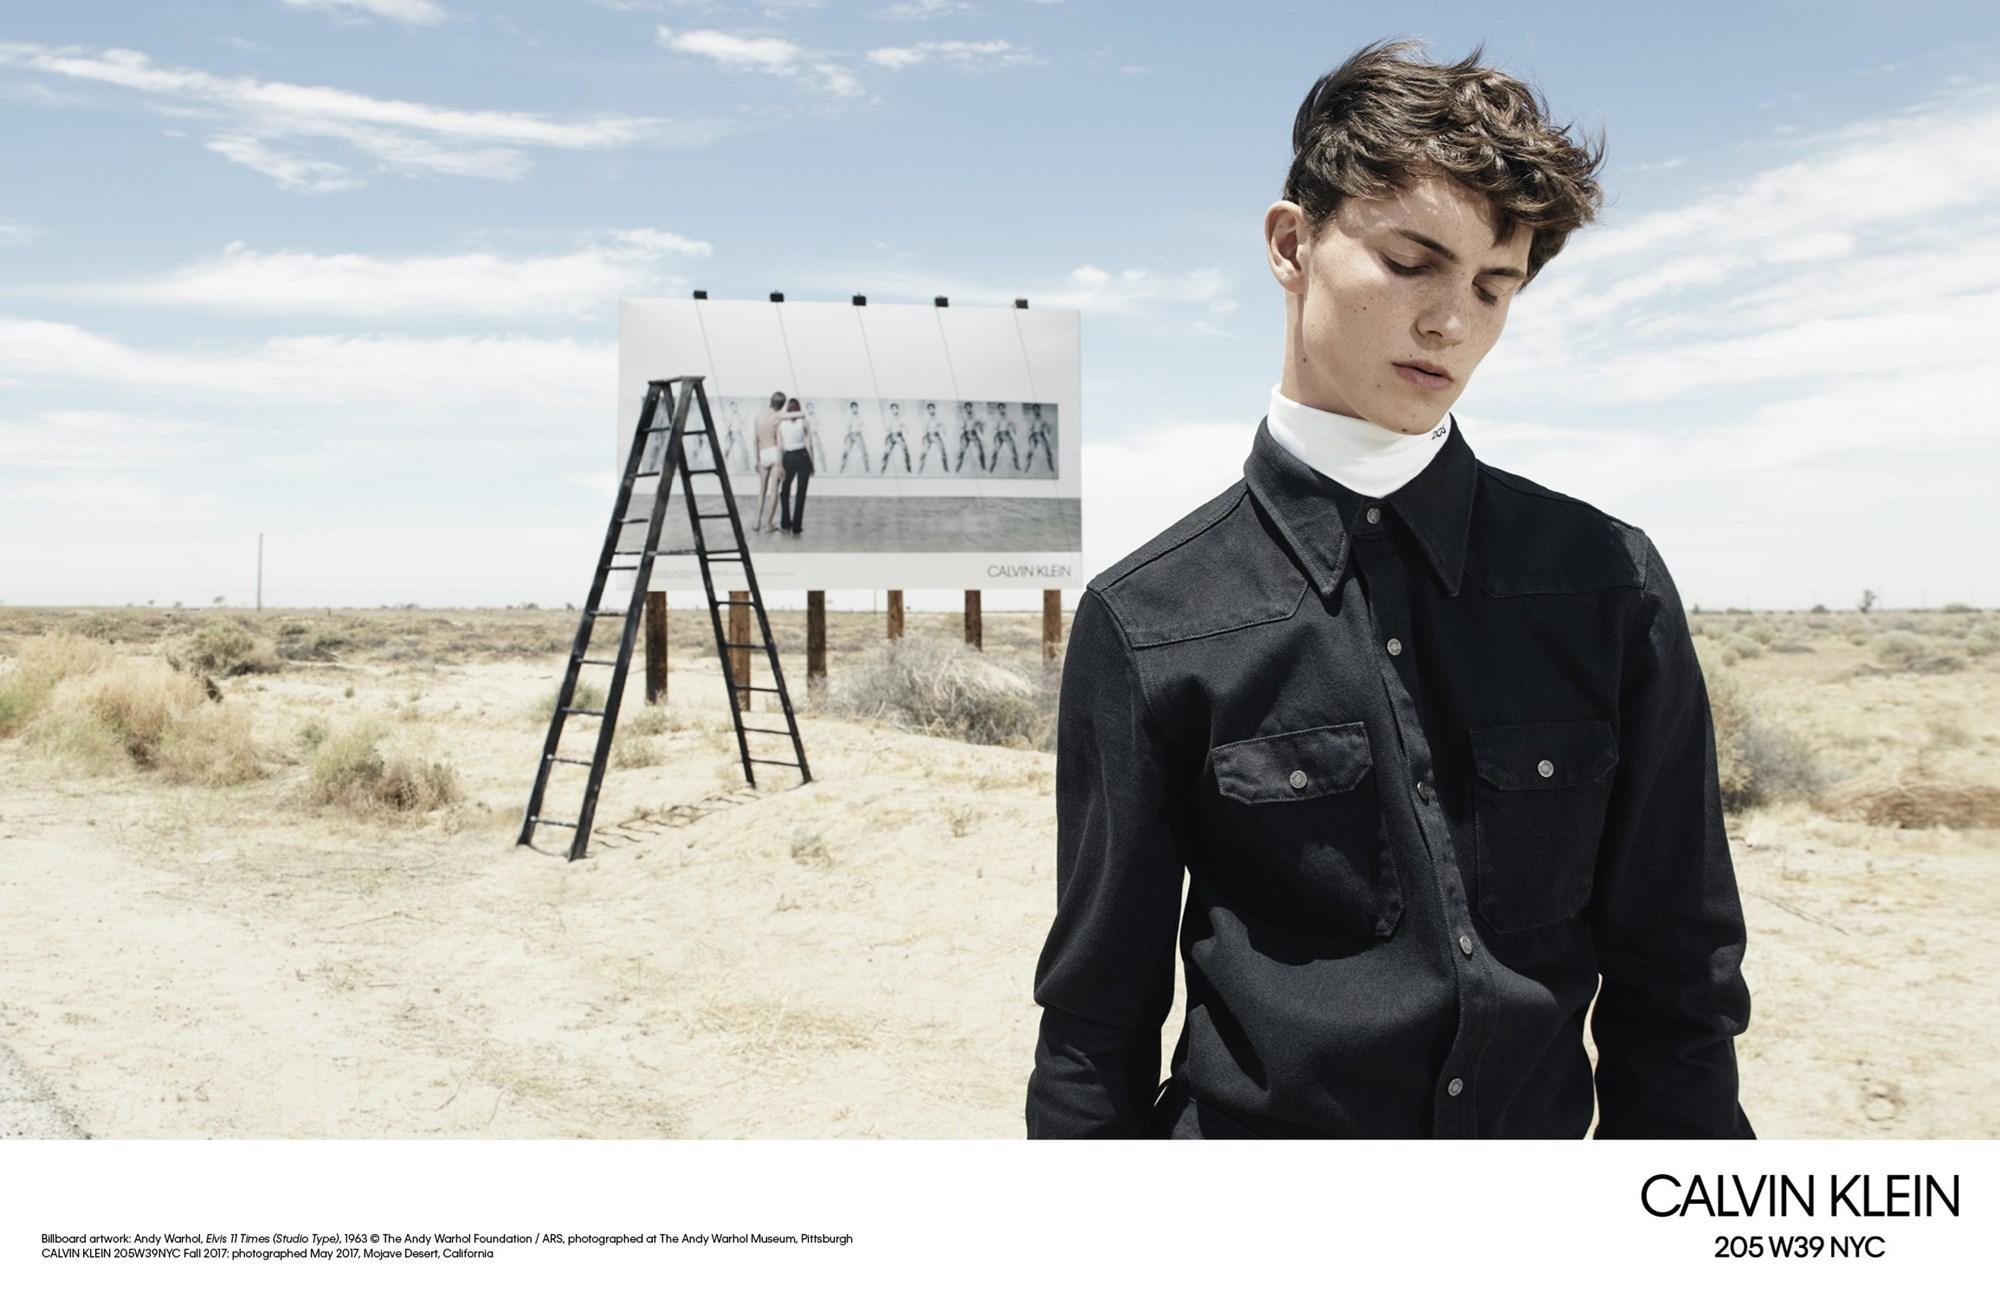 Imágenes cortesía de Calvin Klein.